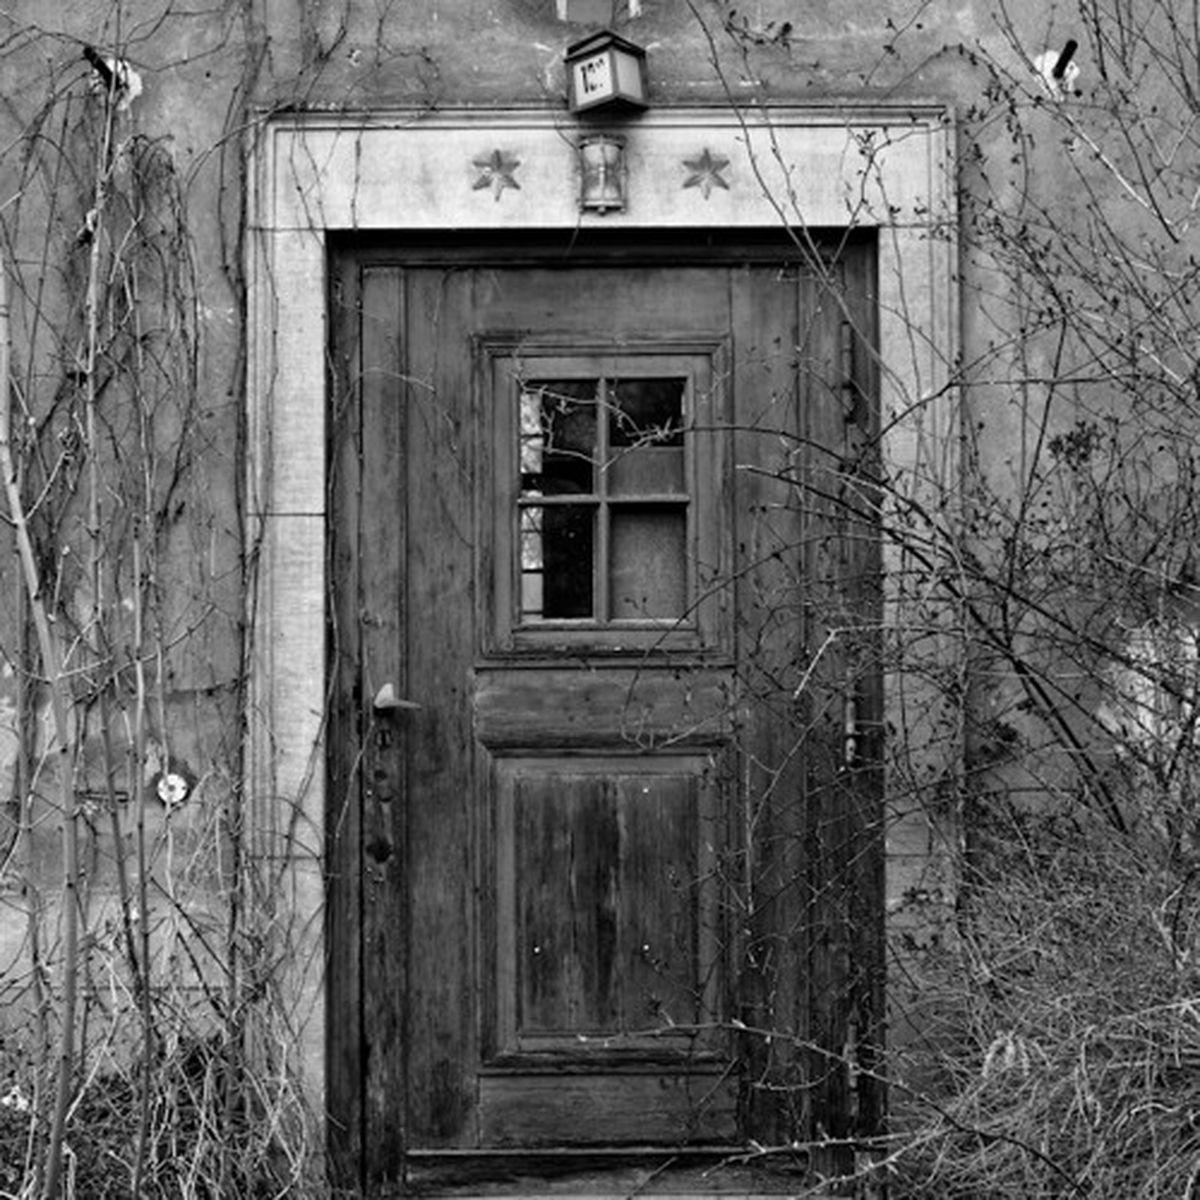 Grade 10 Poetry: The Lockless Door by Robert Frost